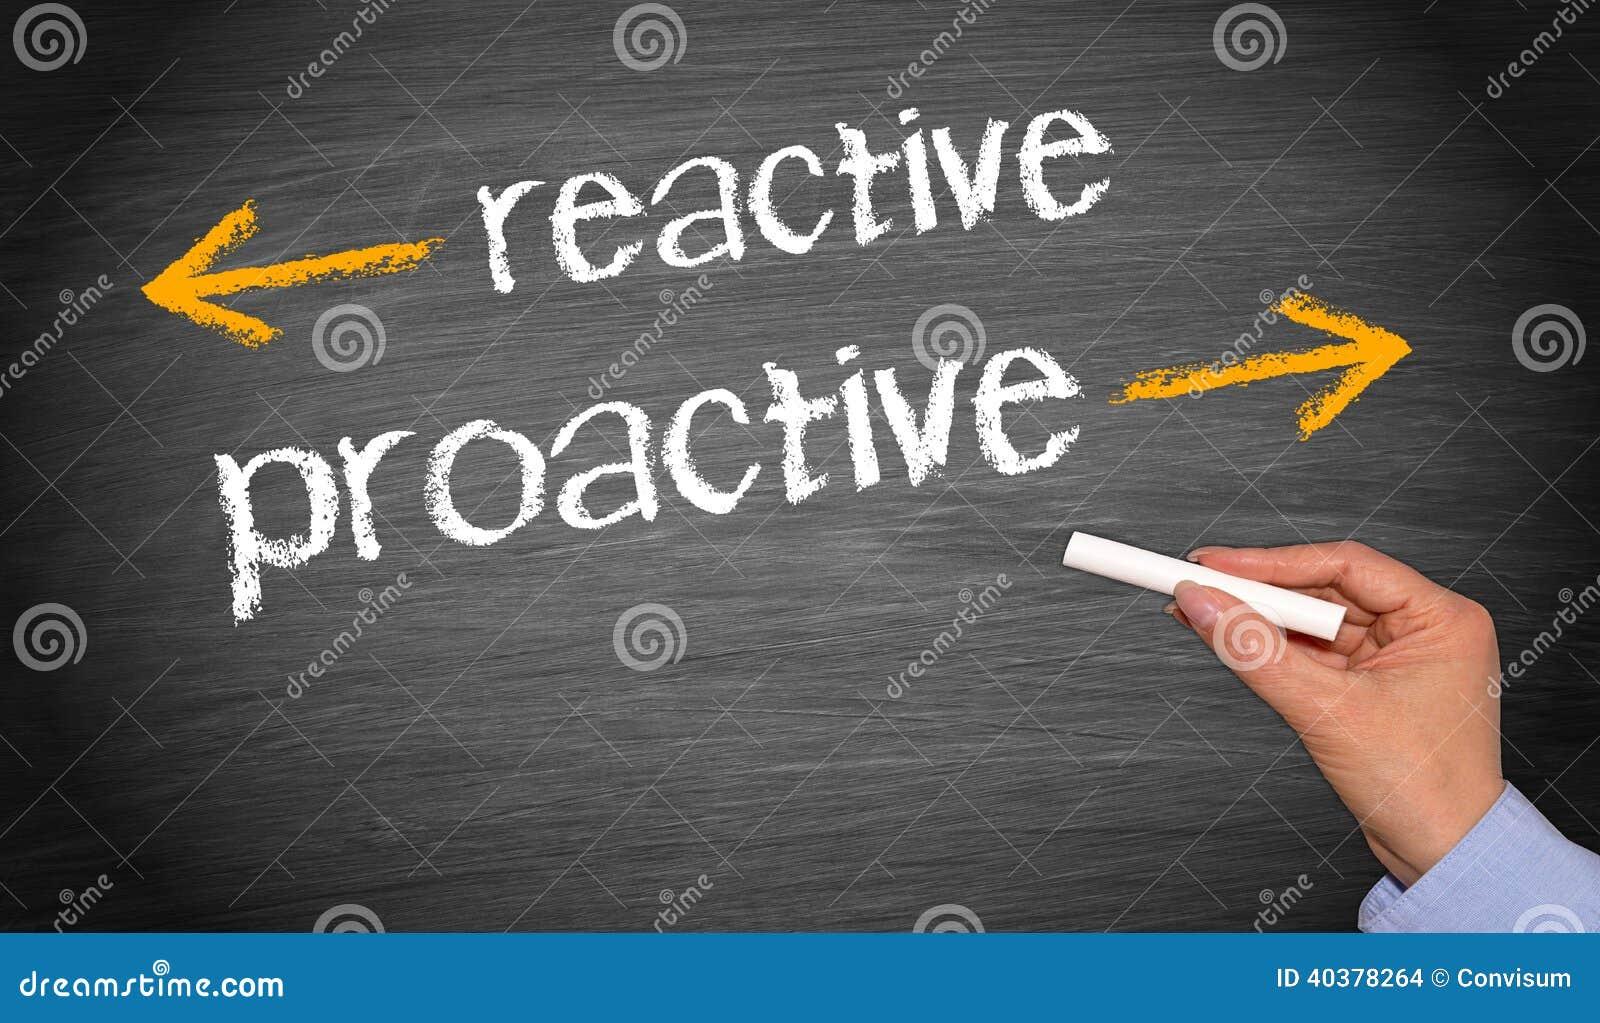 Odczynnikowy vs proaktywnie